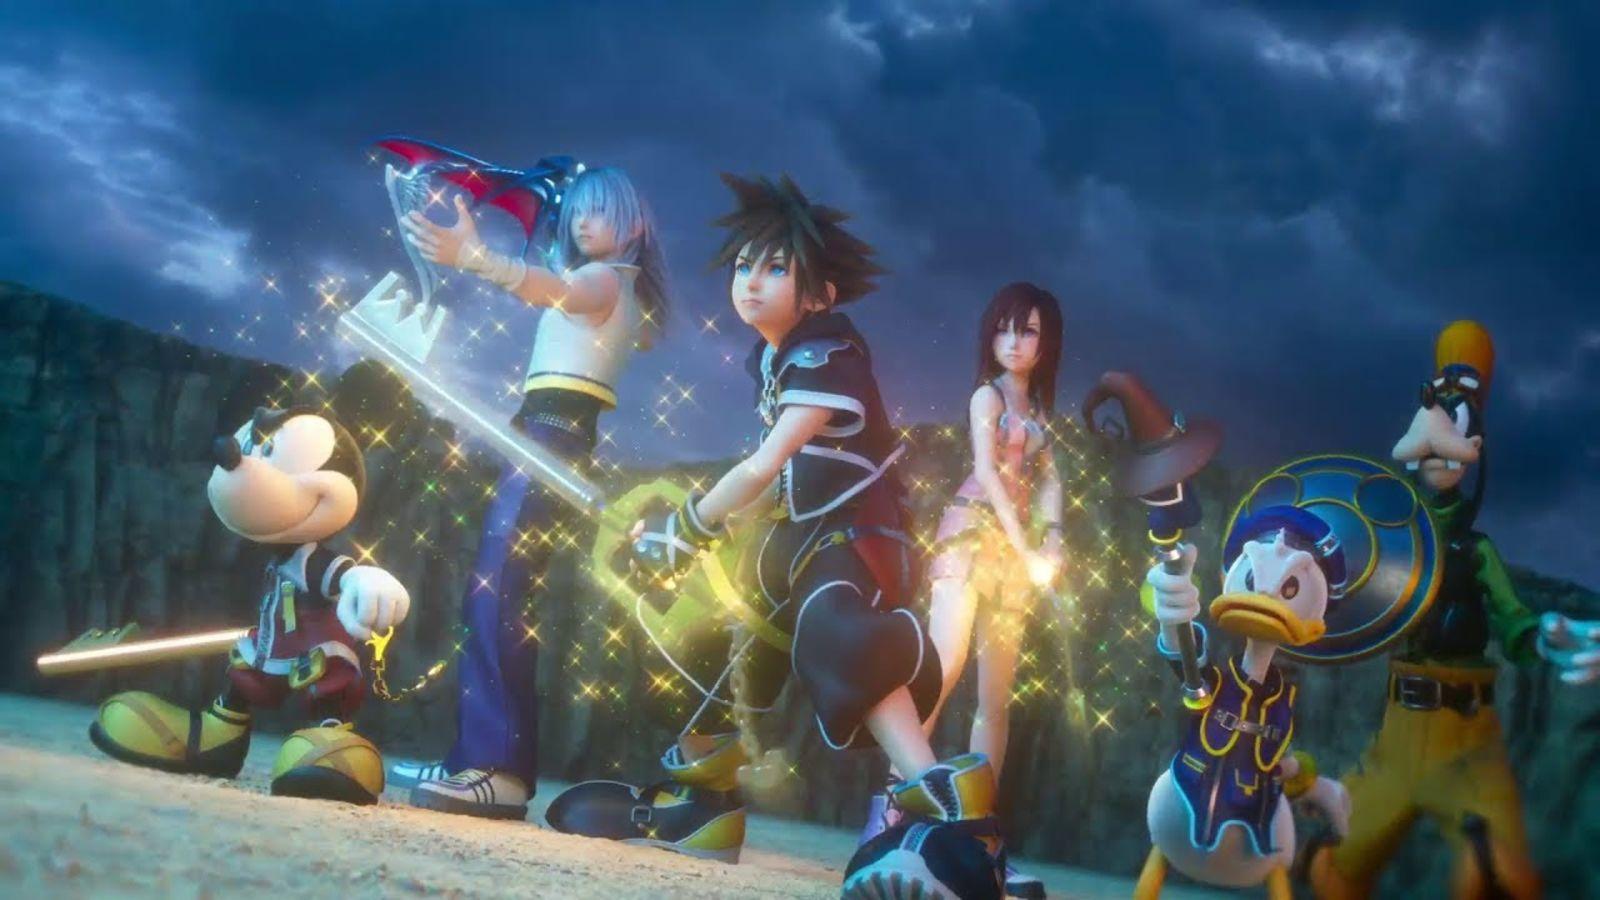 Cùng giải mã bí ẩn cốt truyện của Kingdom Hearts 3